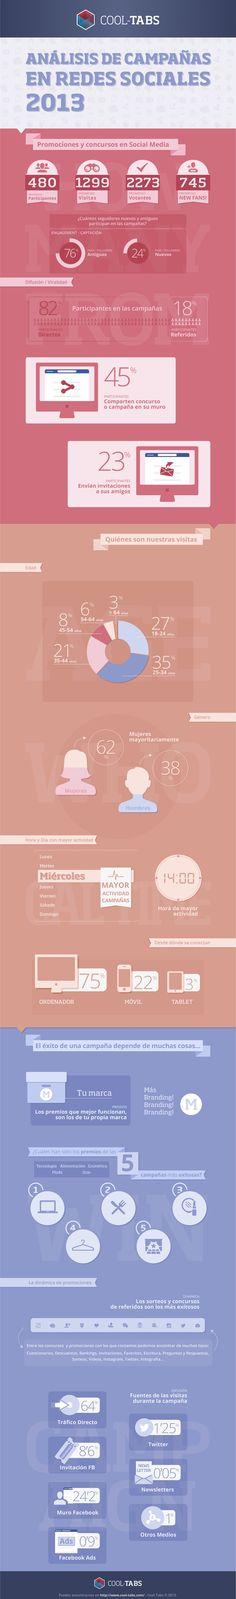 Estudio sobre el 2013 y sus concursos en redes sociales #Infografía Social Media Tips, Social Media Marketing, Online Marketing, Marketing And Advertising, Digital Marketing, Blogging, Community Manager, La Red, Management